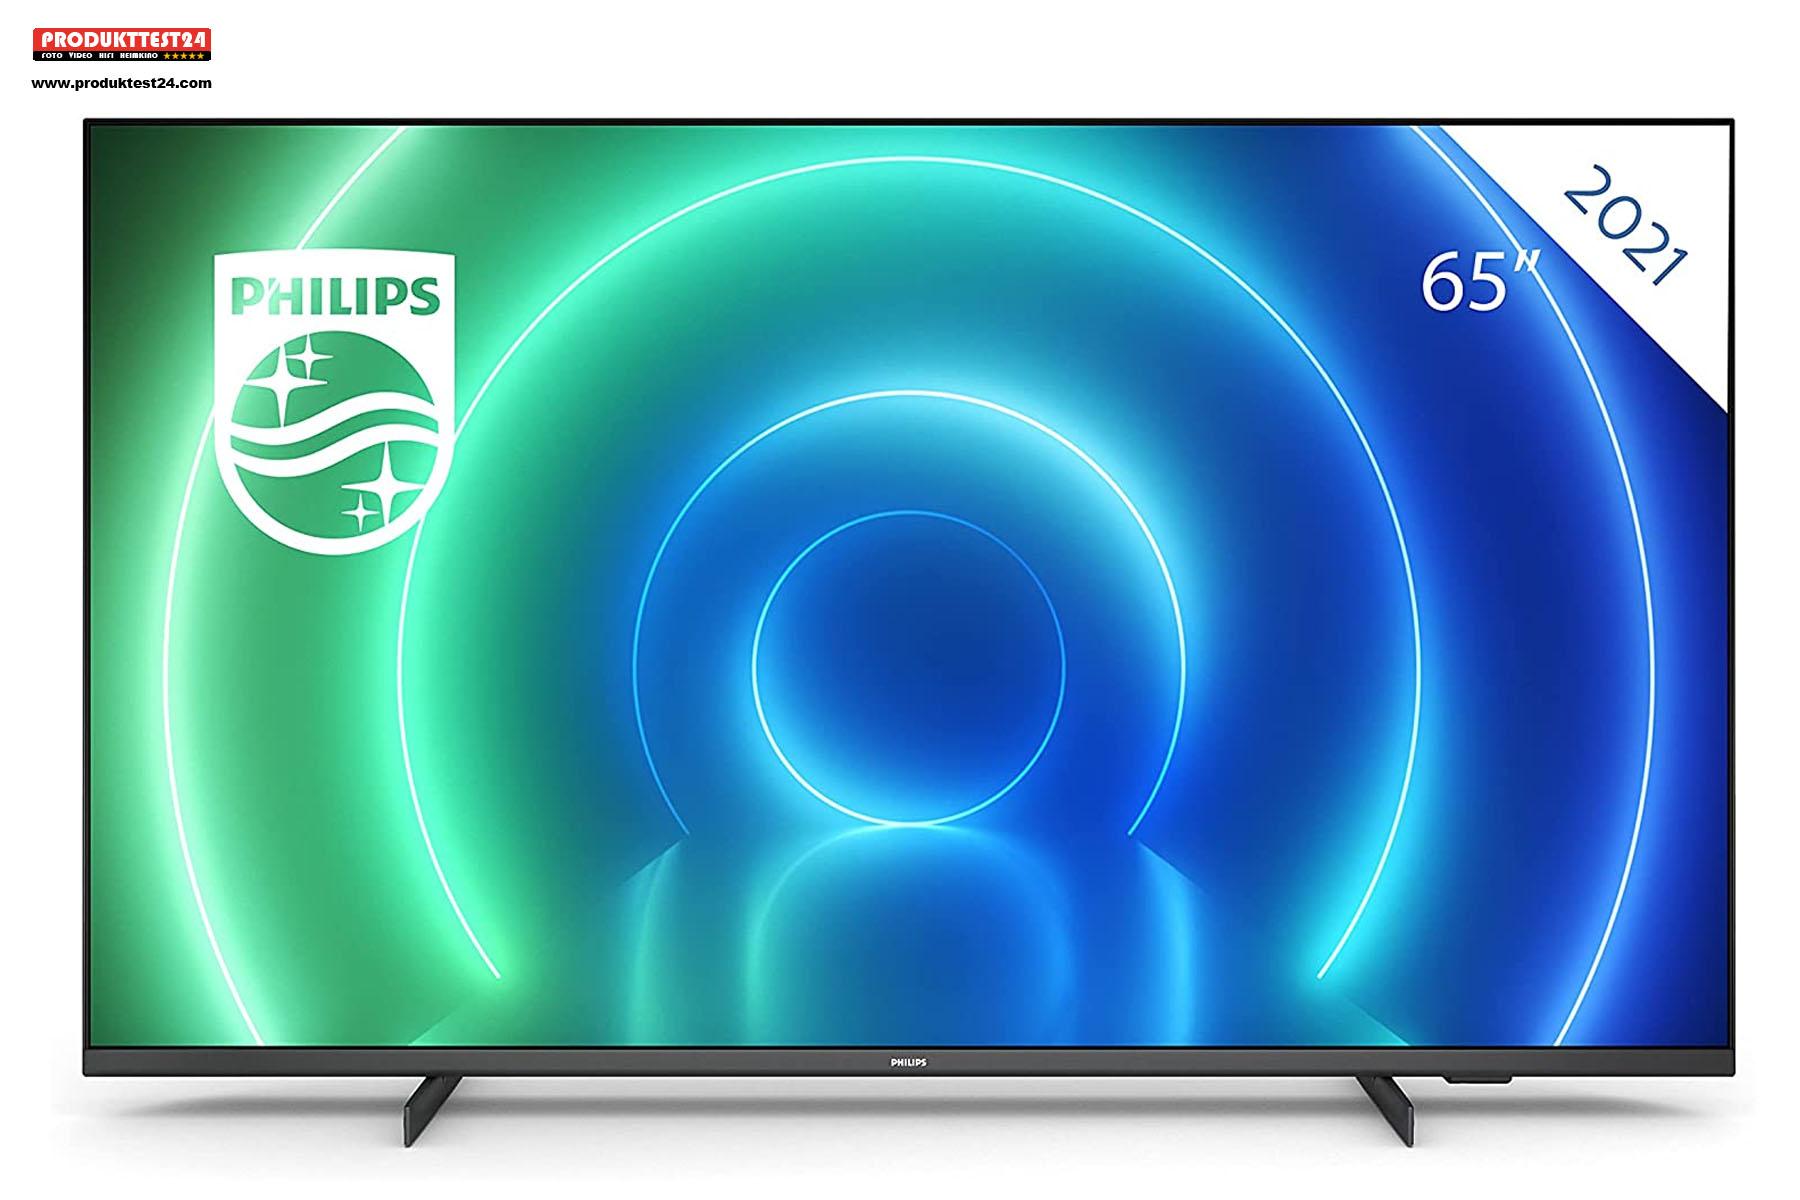 Philips PUS7506 - Der günstige 4K UHD-Fernseher ohne Ambilight.